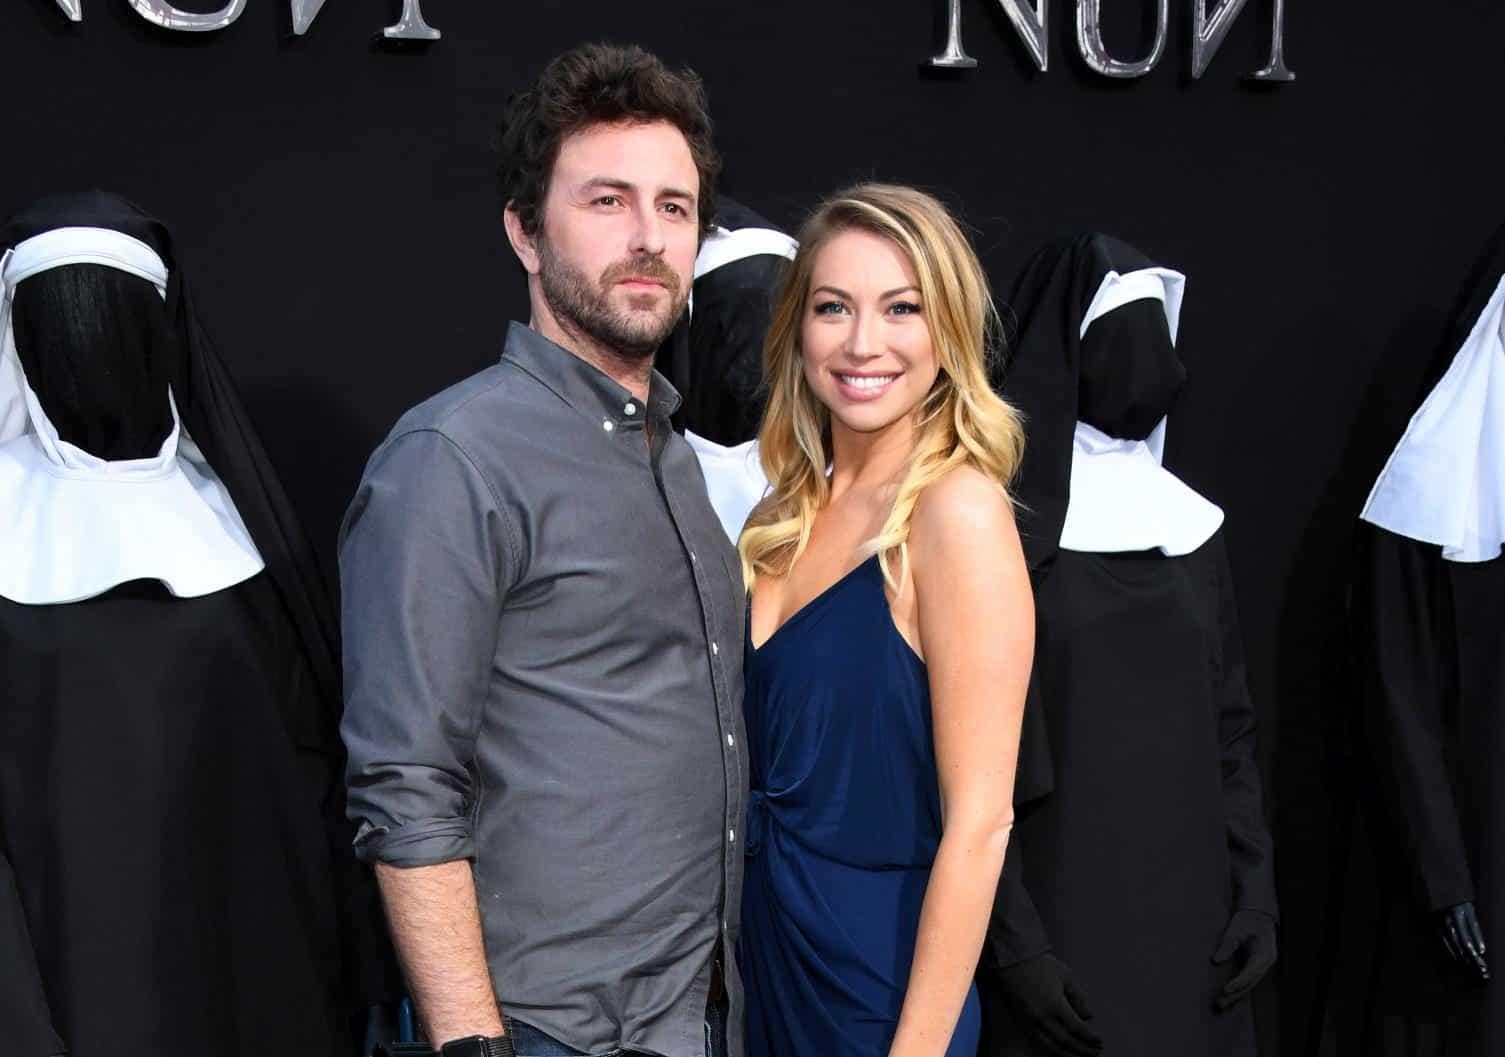 Vanderpump Rules Stassi Schroeder and boyfriend Beau Clark